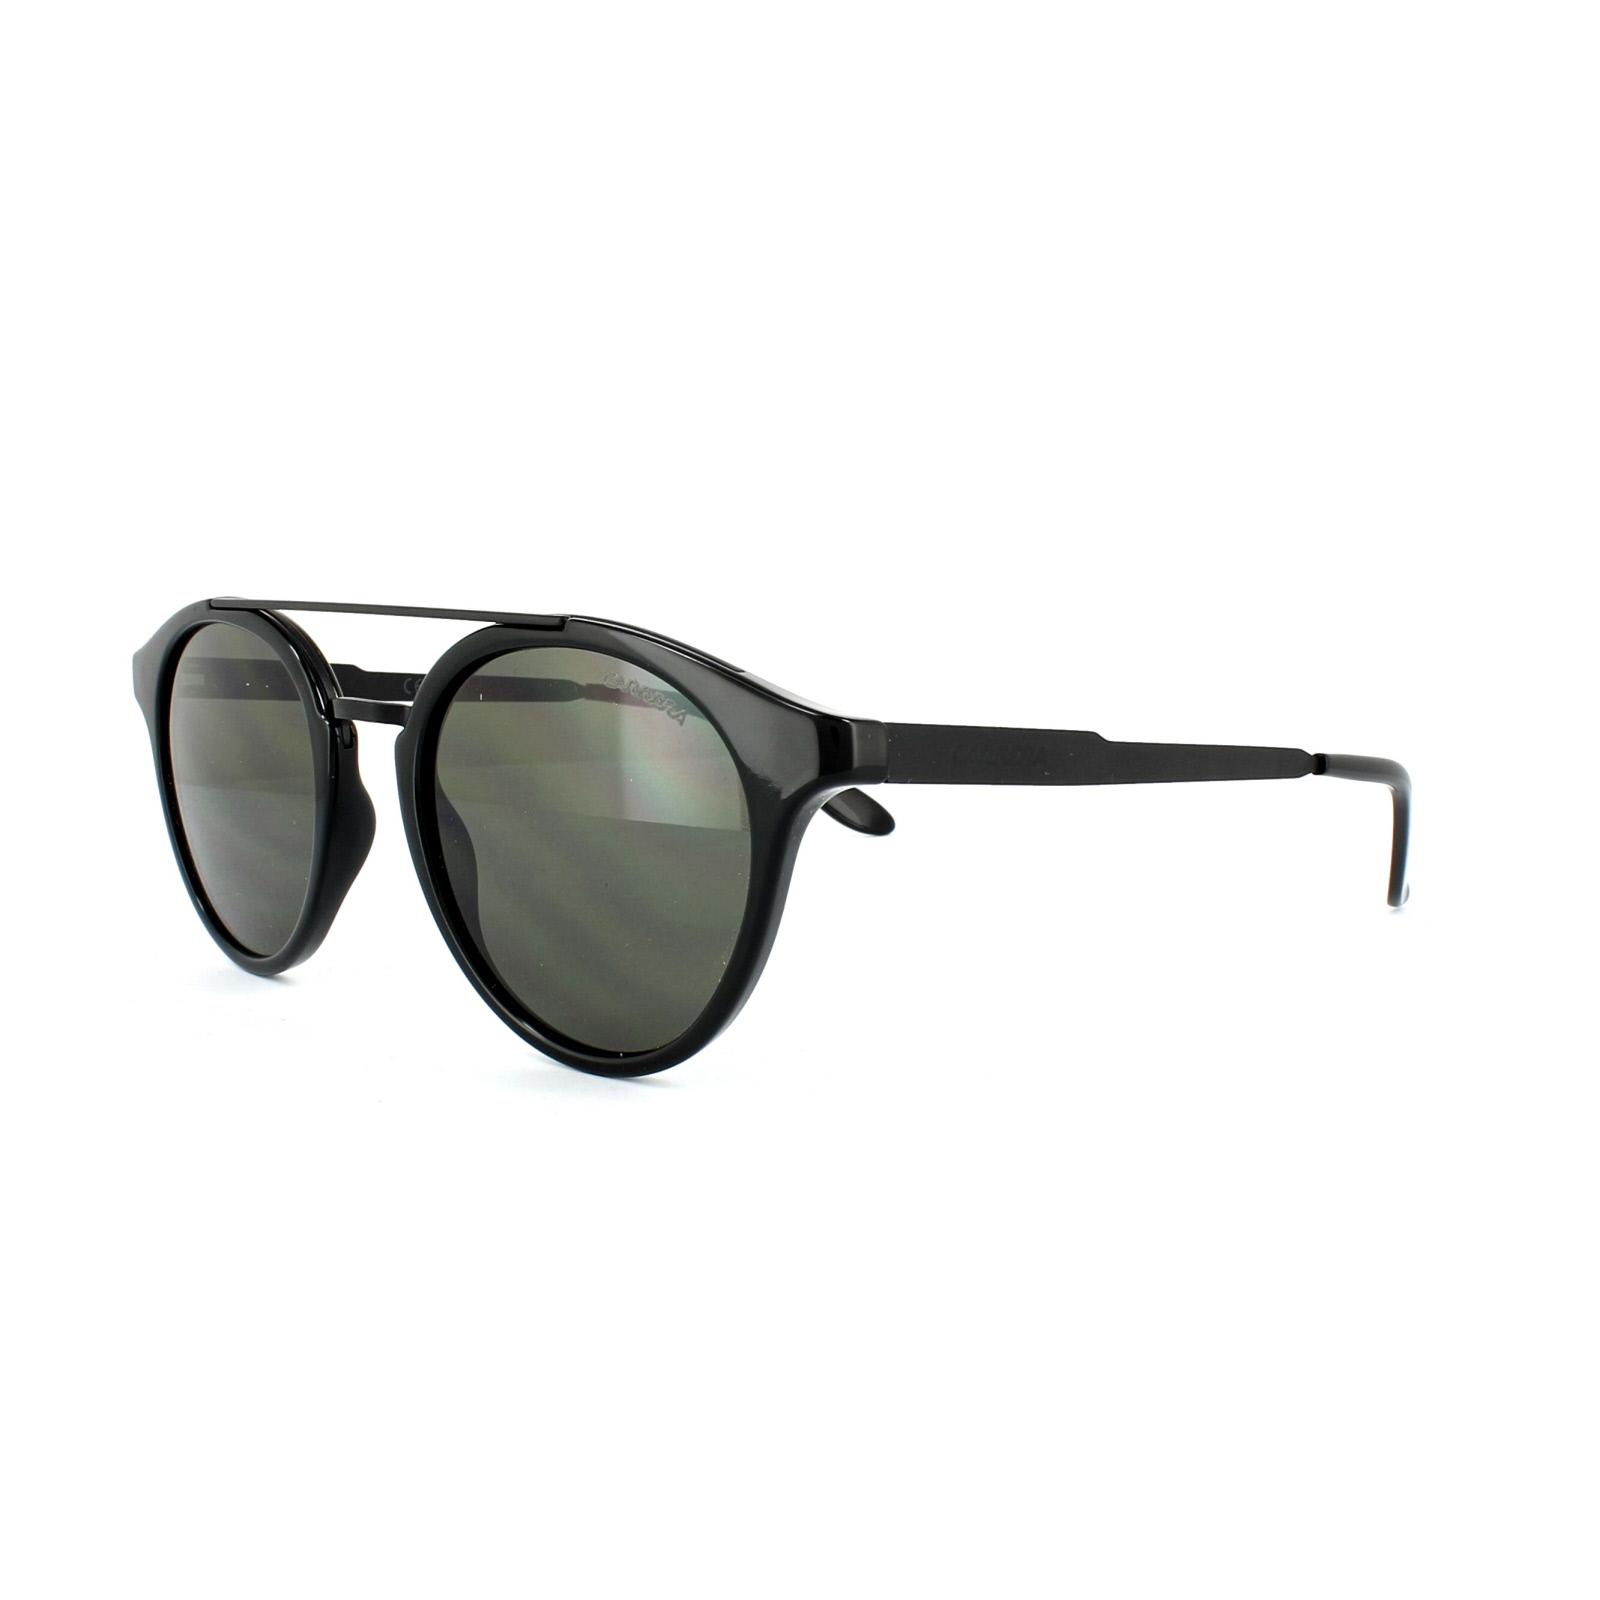 0f63e6e339 Carrera Sunglasses Uk Cheap « Heritage Malta